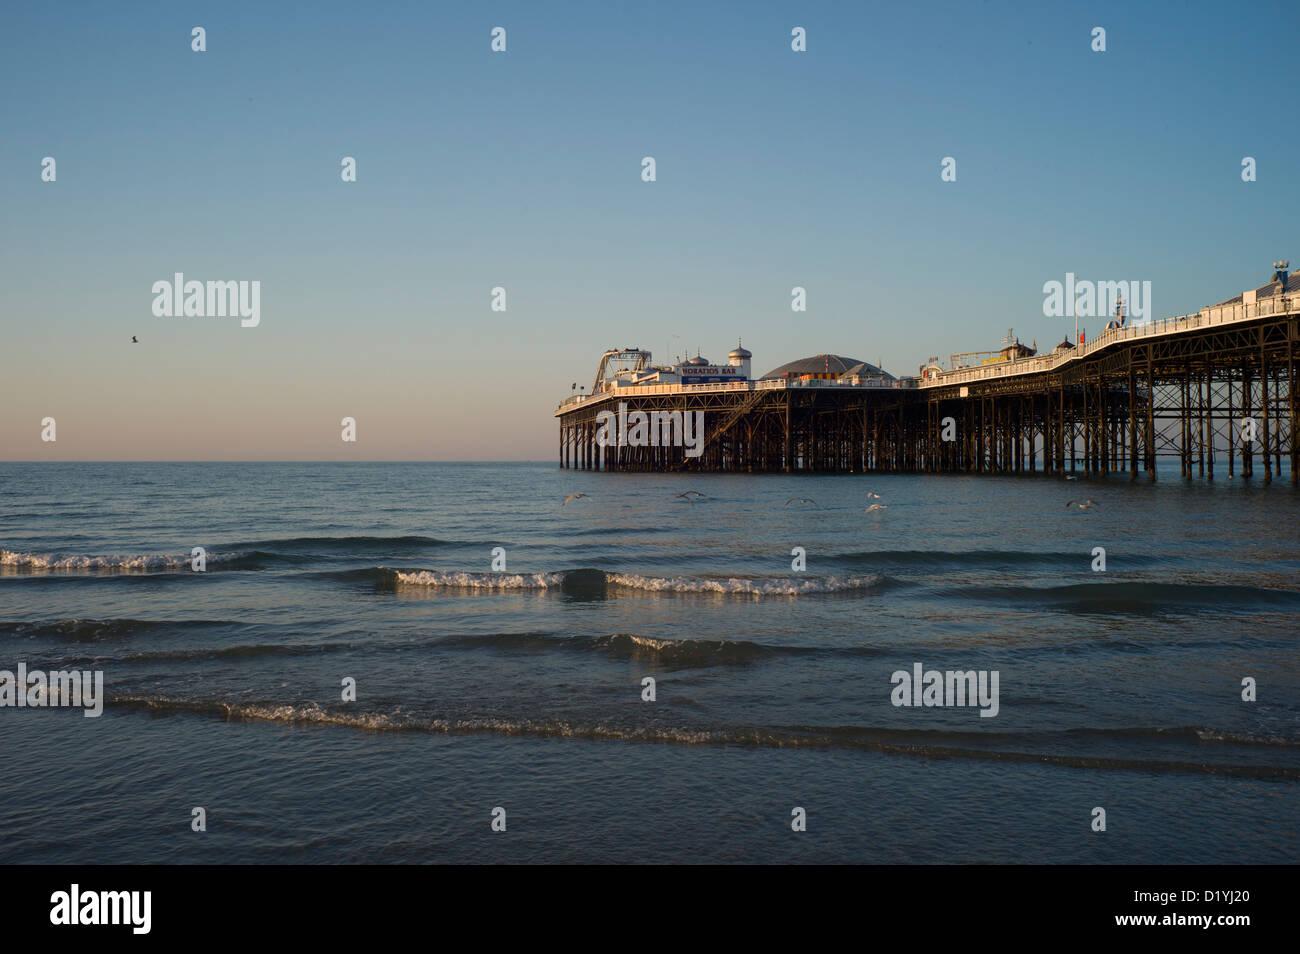 La jetée de Brighton, à marée basse, matin Banque D'Images